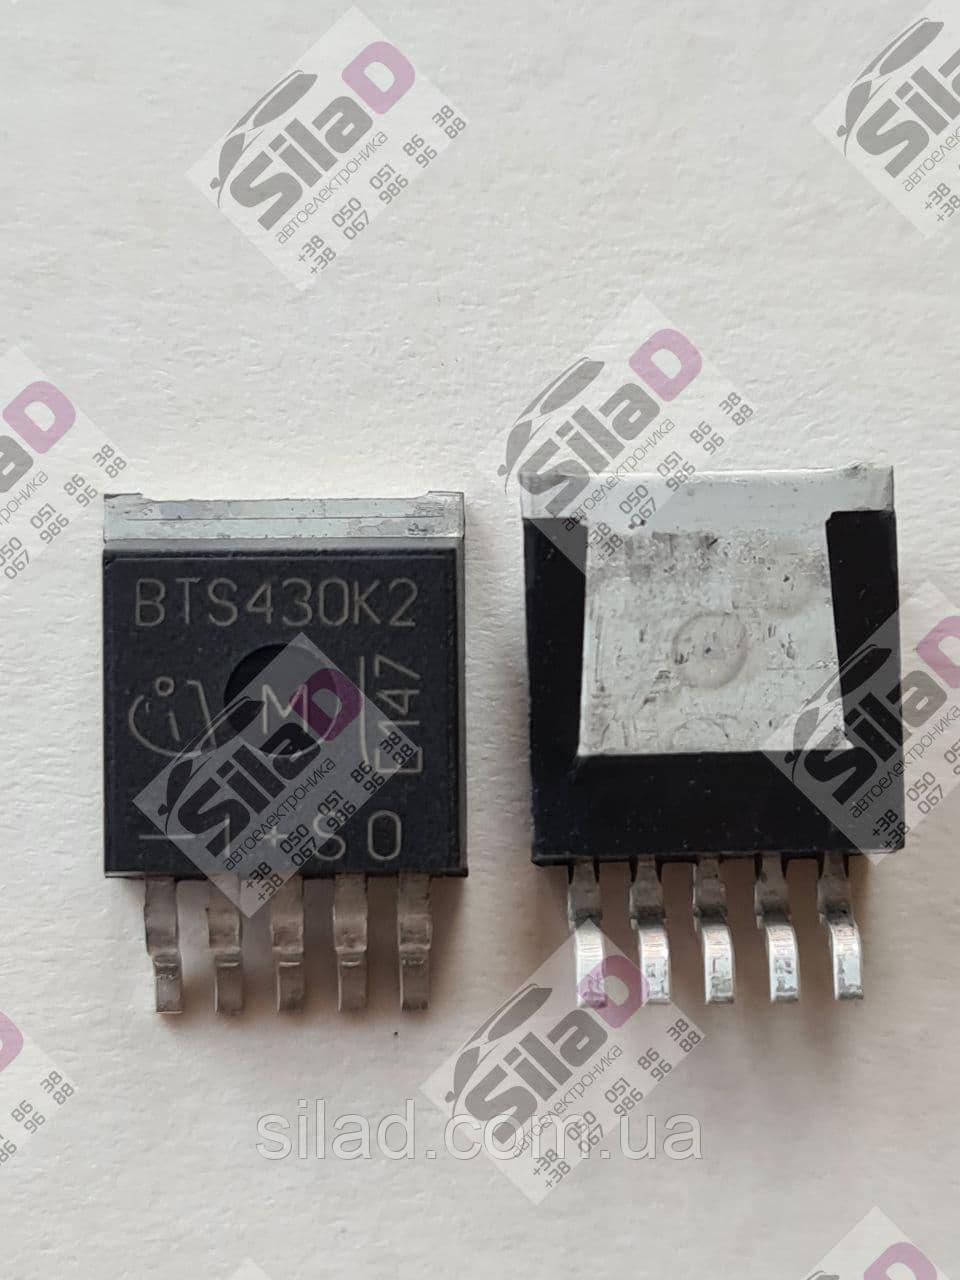 Транзистор BTS430K2 Infineon корпус TO-263-5